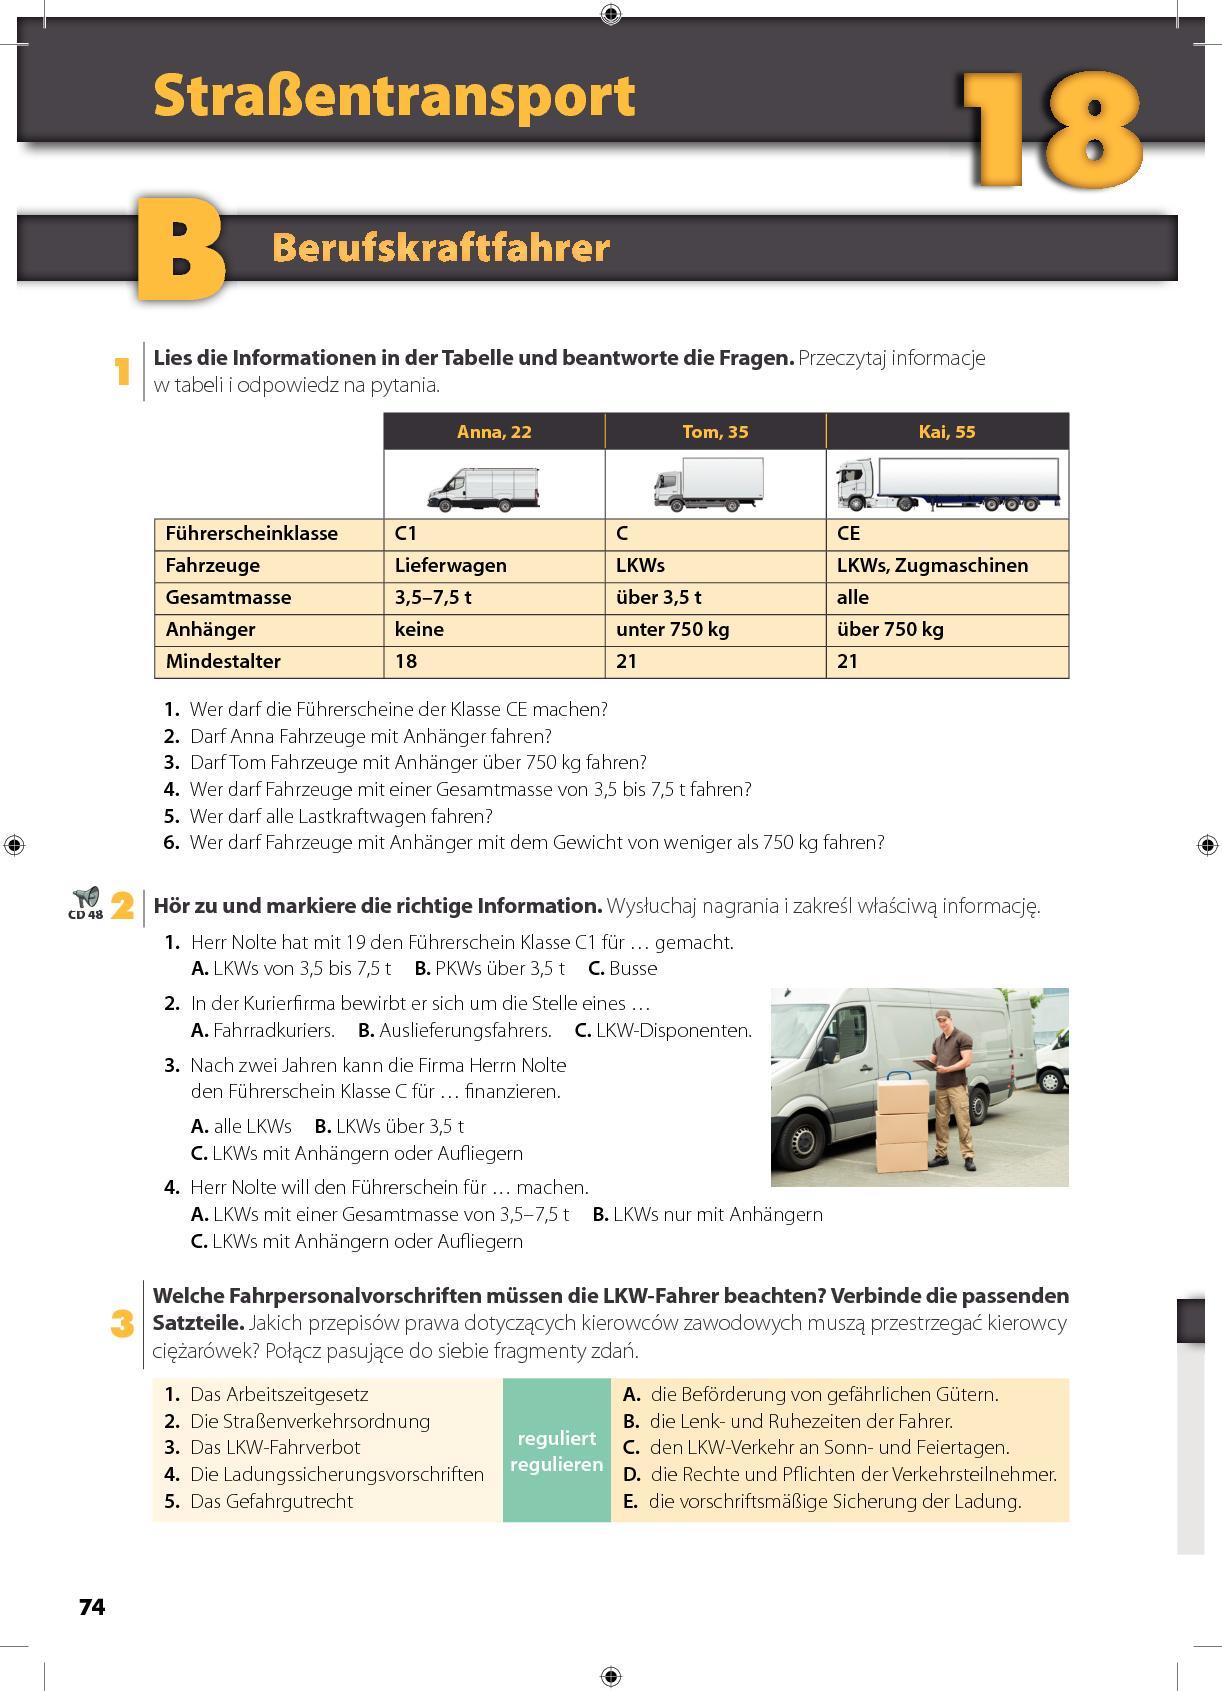 Deutsch fuer Profis TSL - CALAMEO Downloader